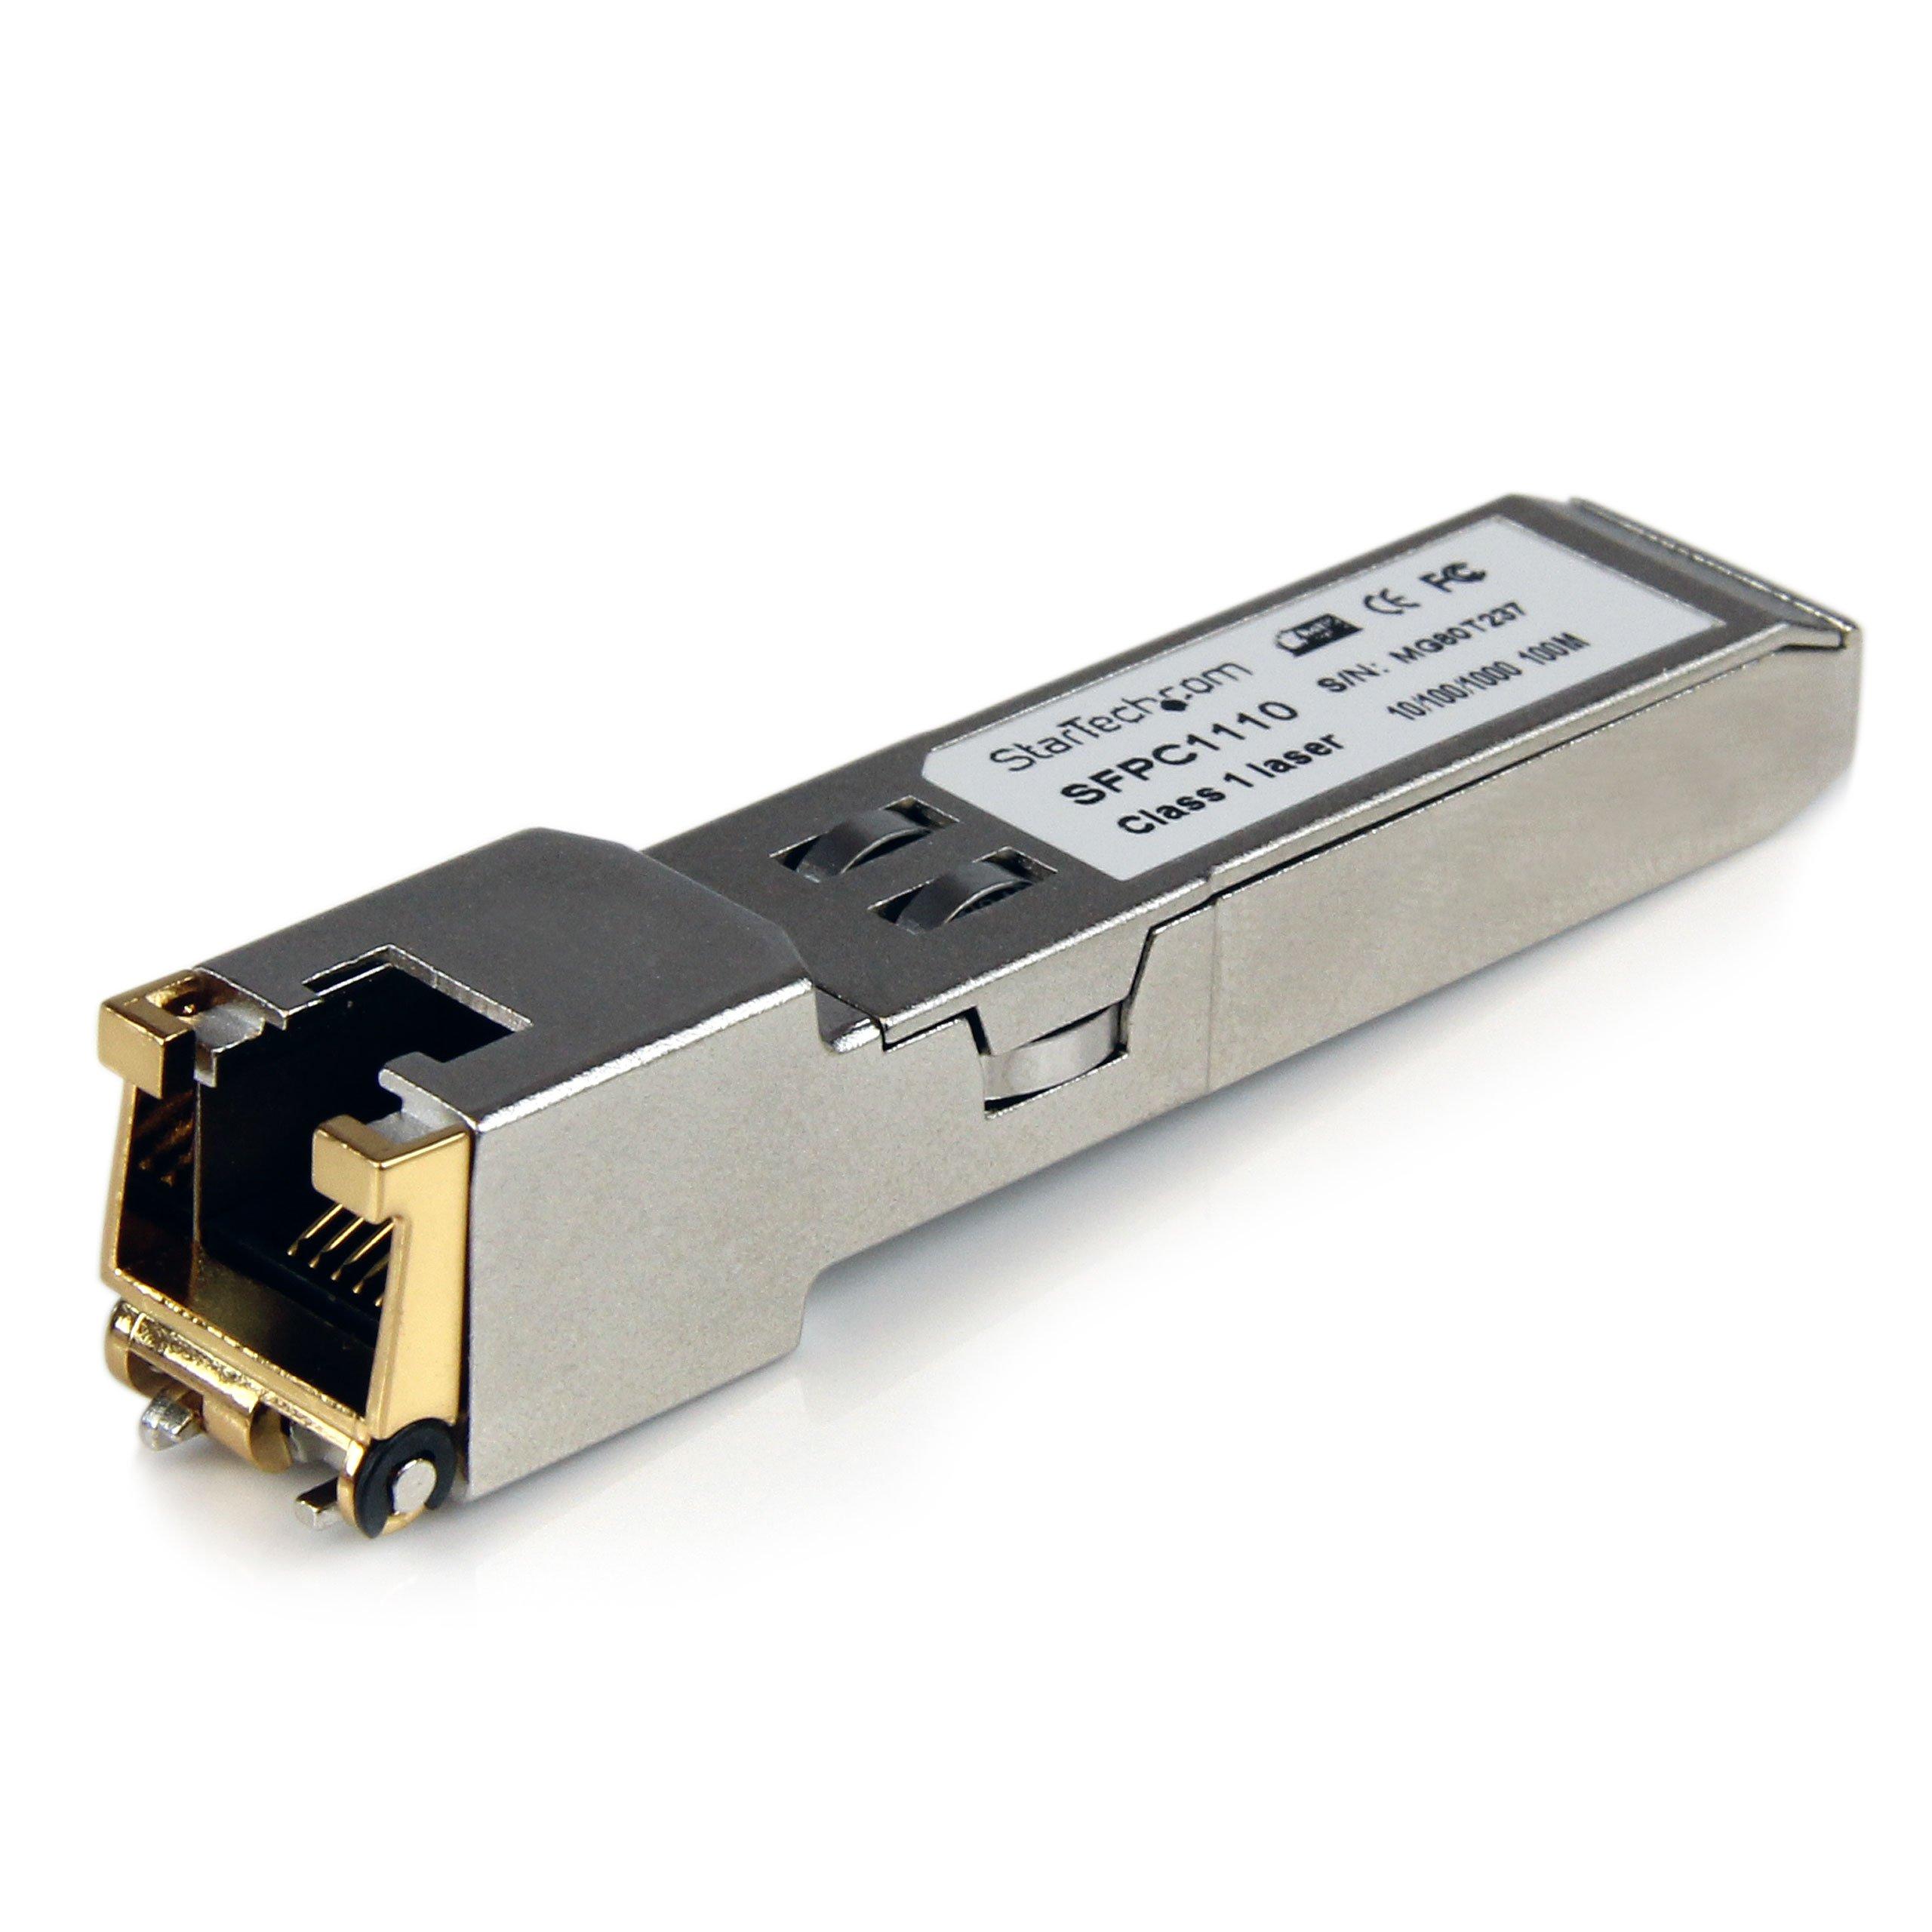 StarTech.com Cisco SFP-GE-T Compatible – Gigabit SFP – 10/100/1000 Mbps – RJ45 Port – 1000Base-T – Copper SFP – GBIC Module